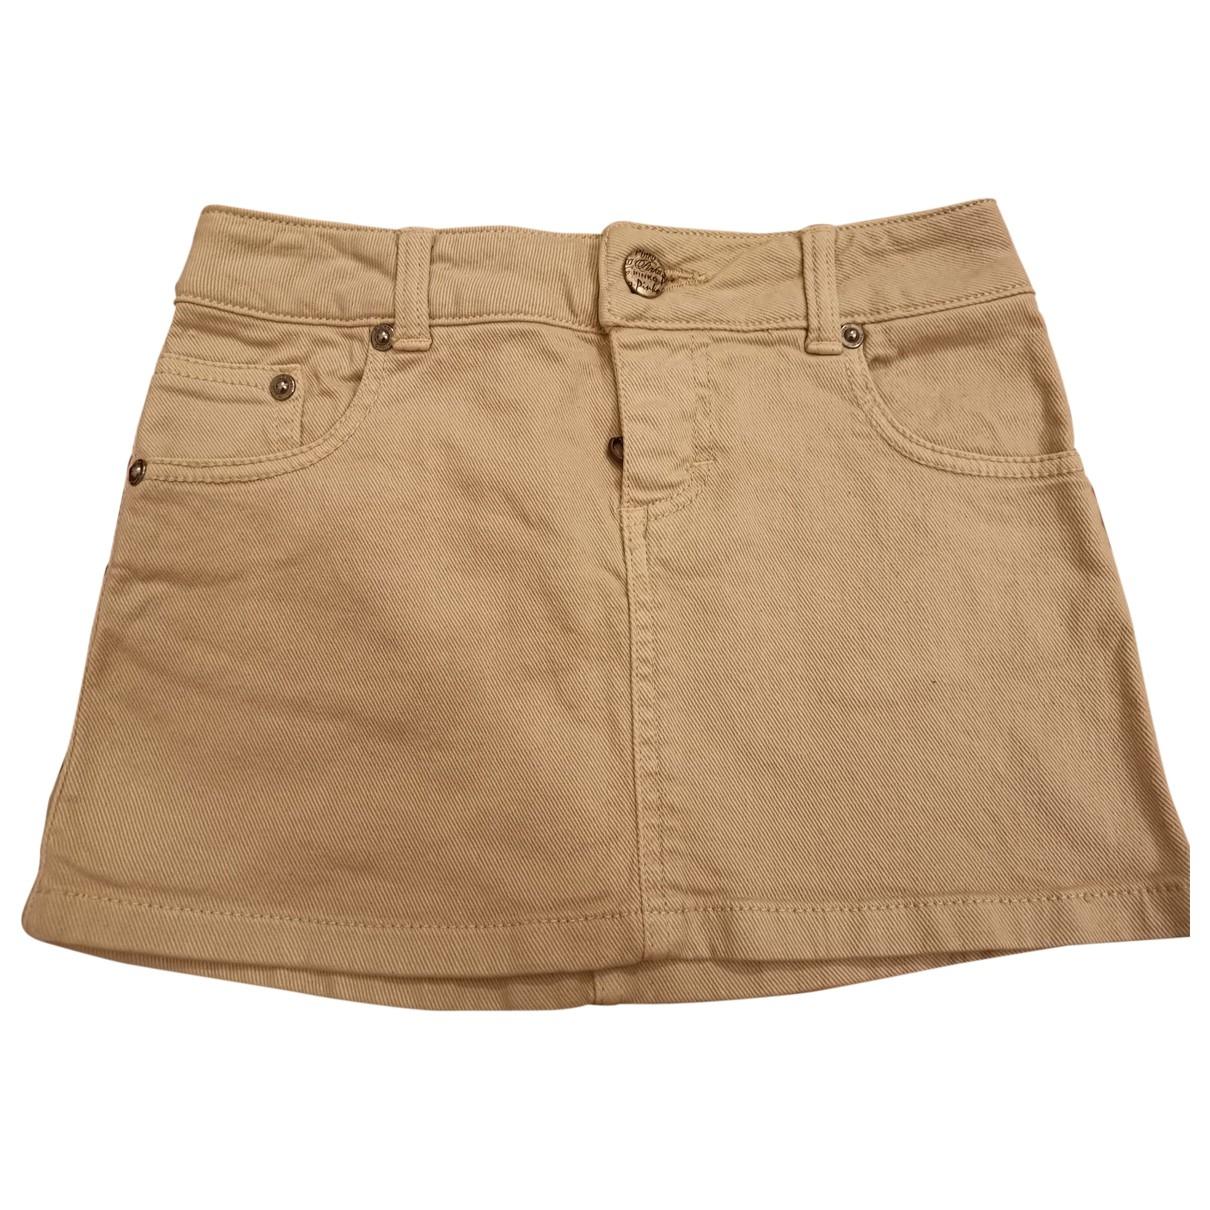 Pinko \N Rocke in  Beige Denim - Jeans